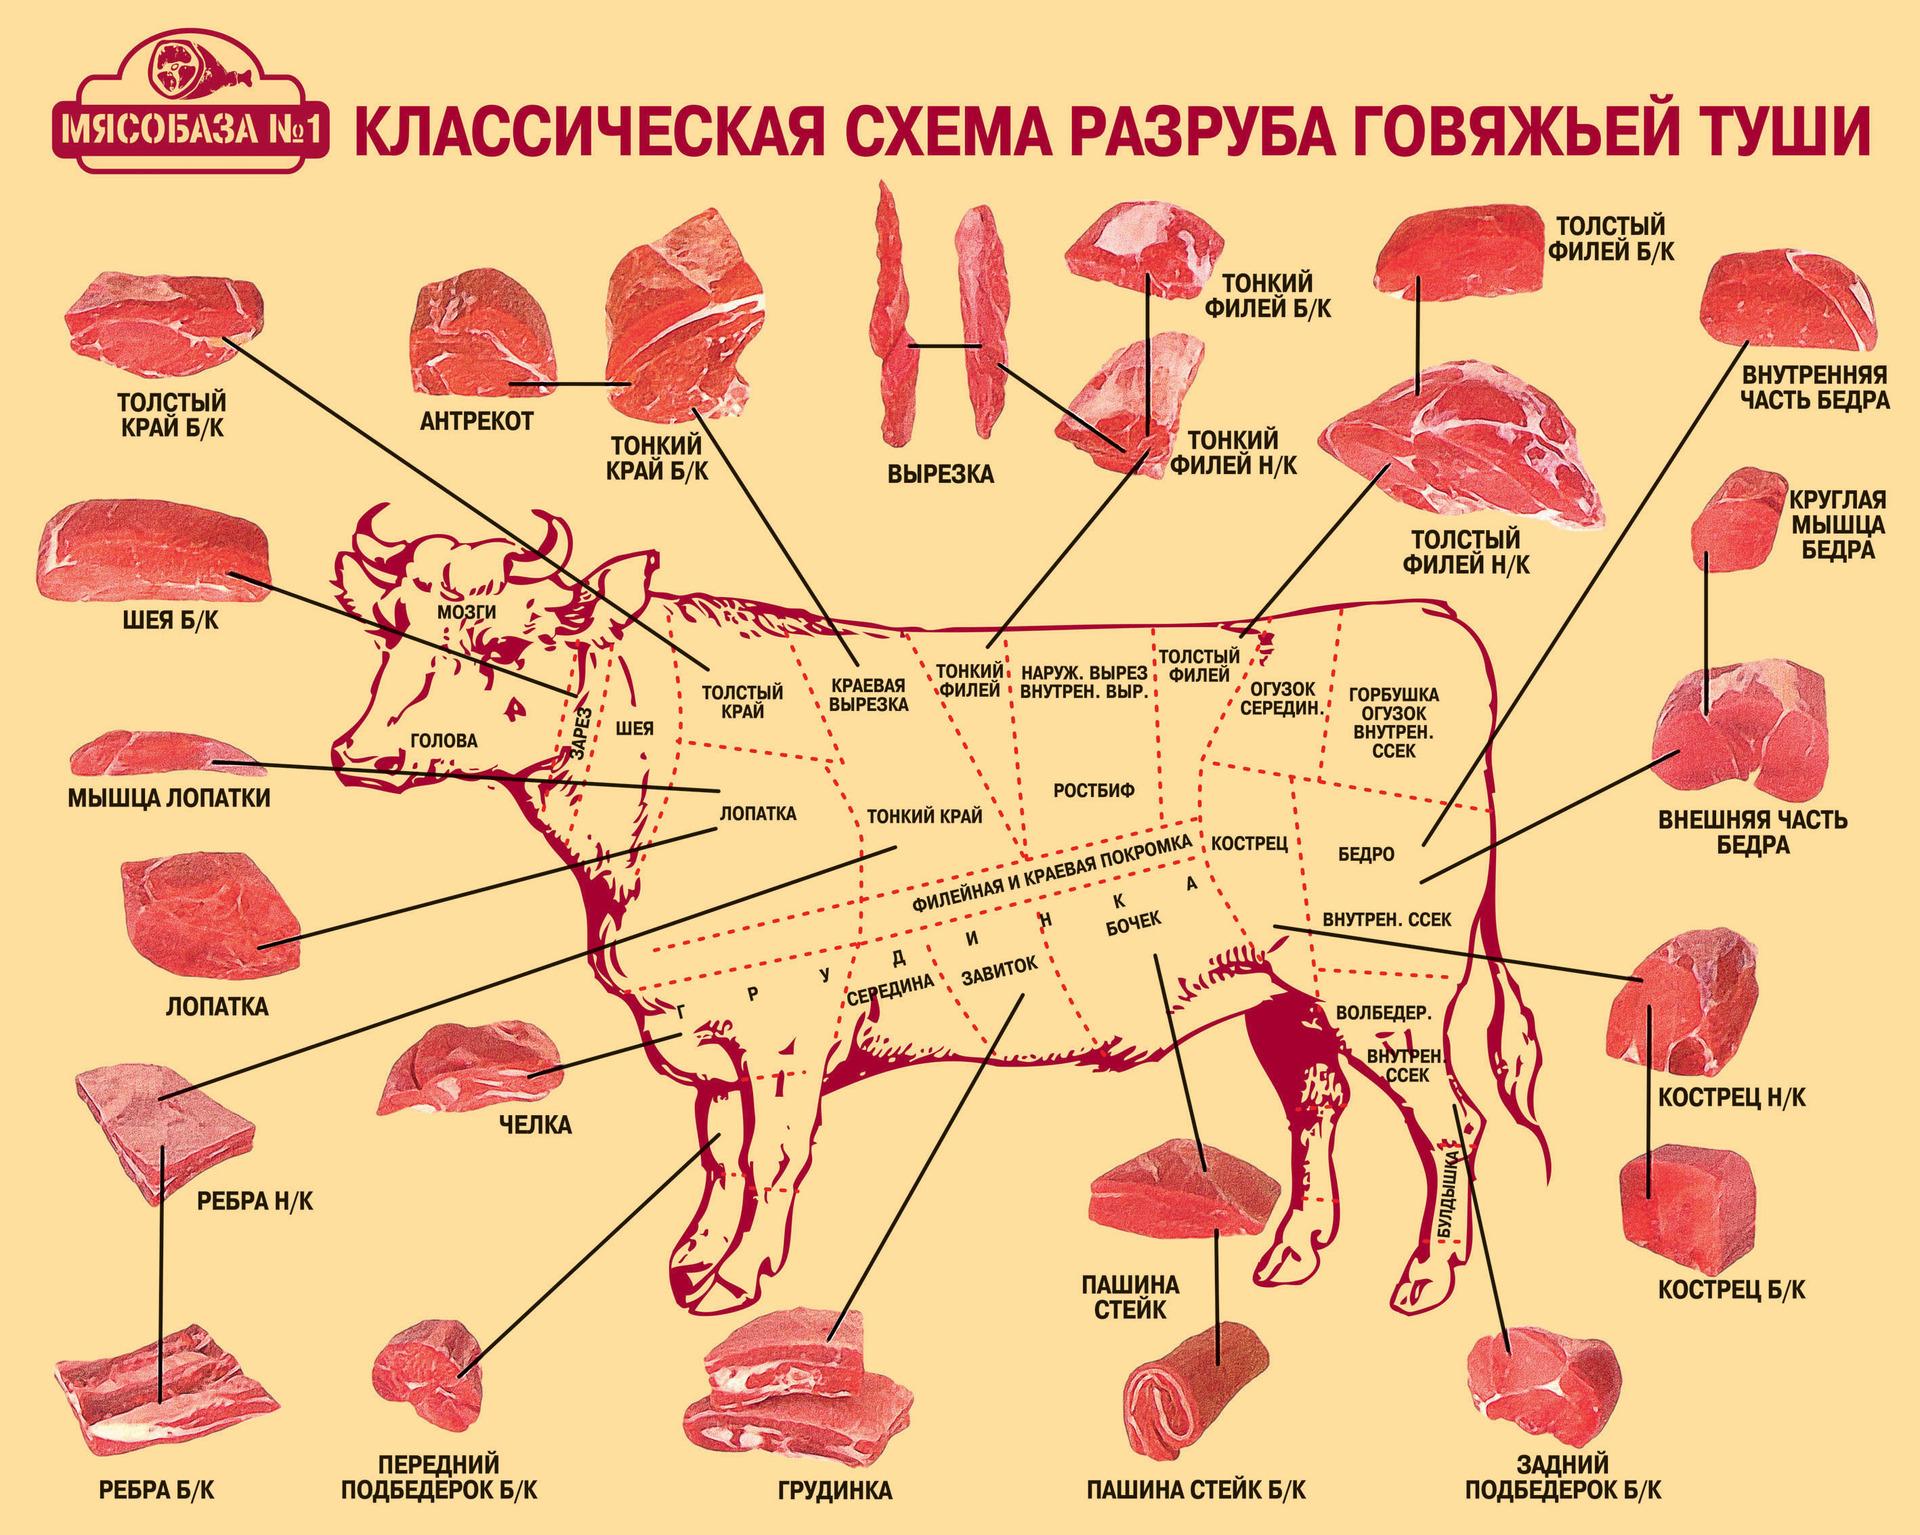 Схема разделки туши говядины фото